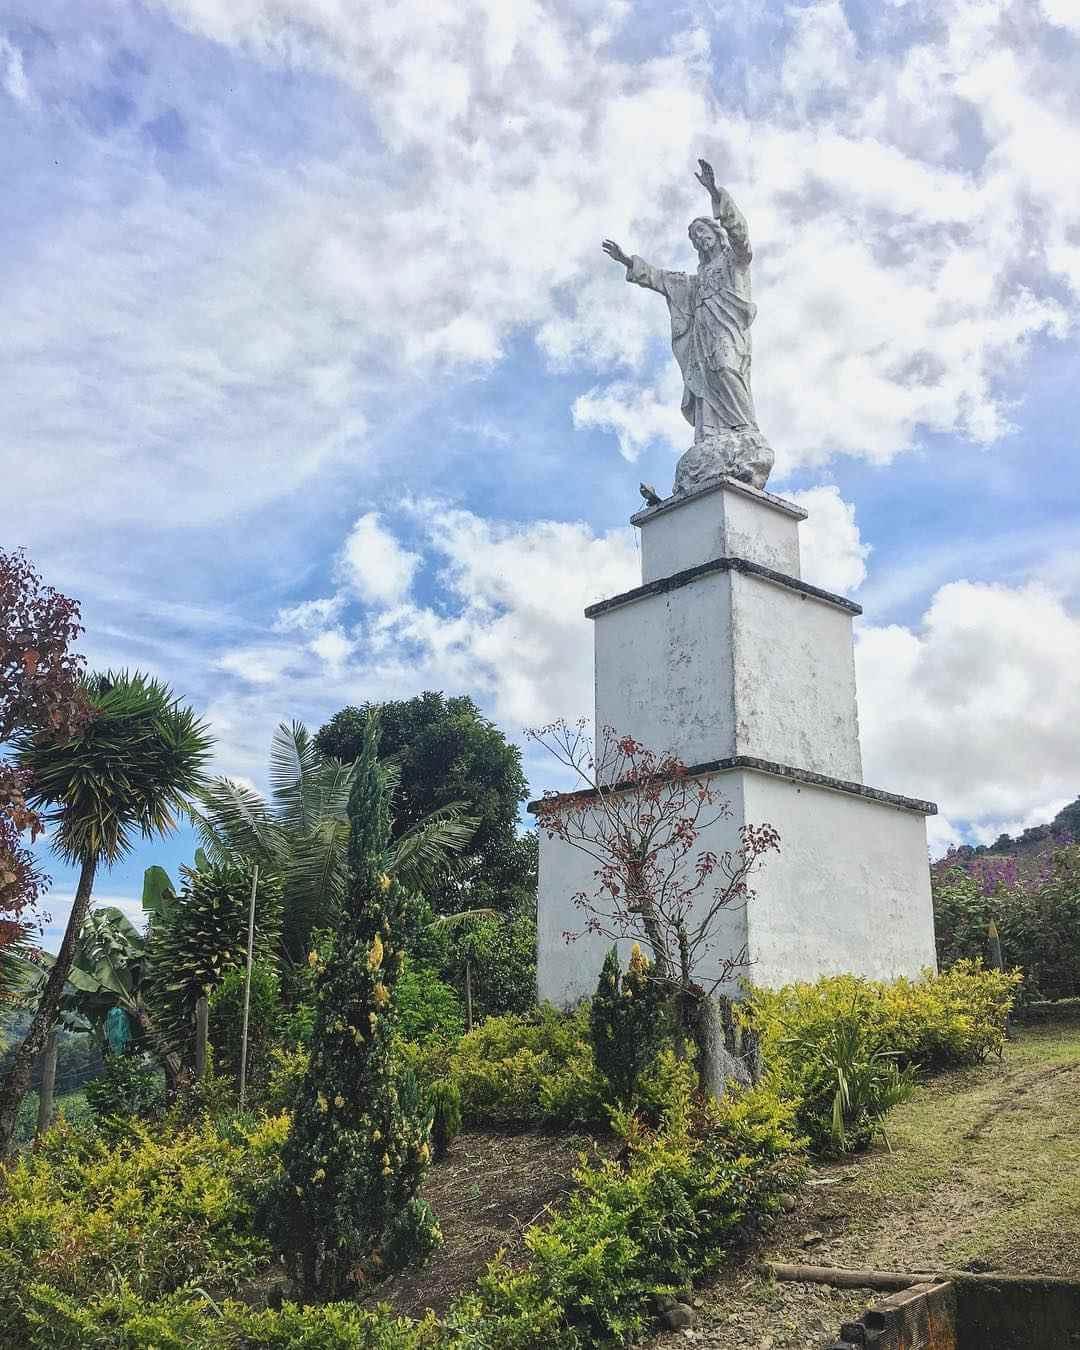 Mirador Cristo Rey Jardín Antioquia